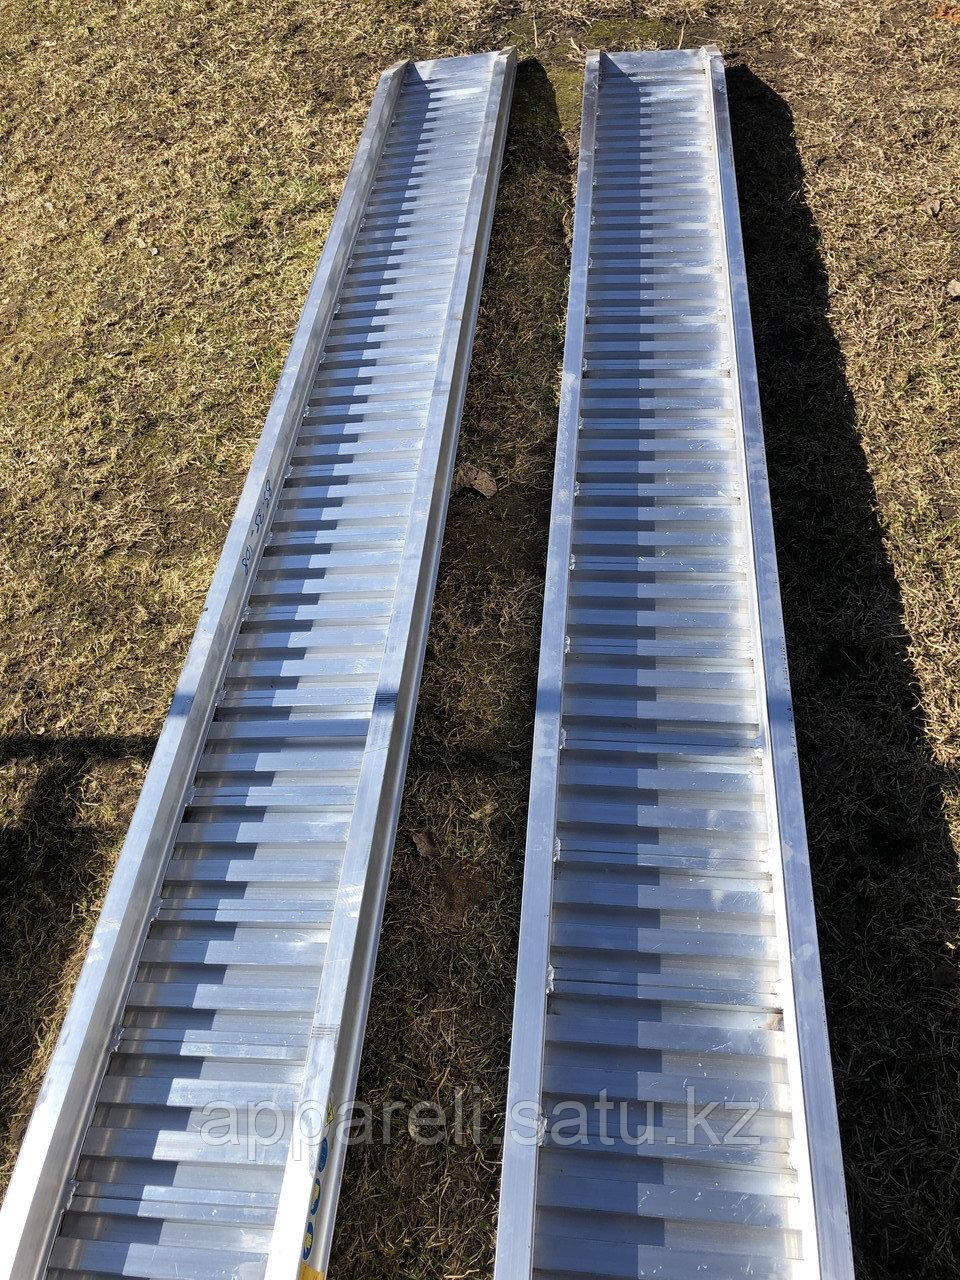 Алюминиевые аппарели 2040 кг от производителя